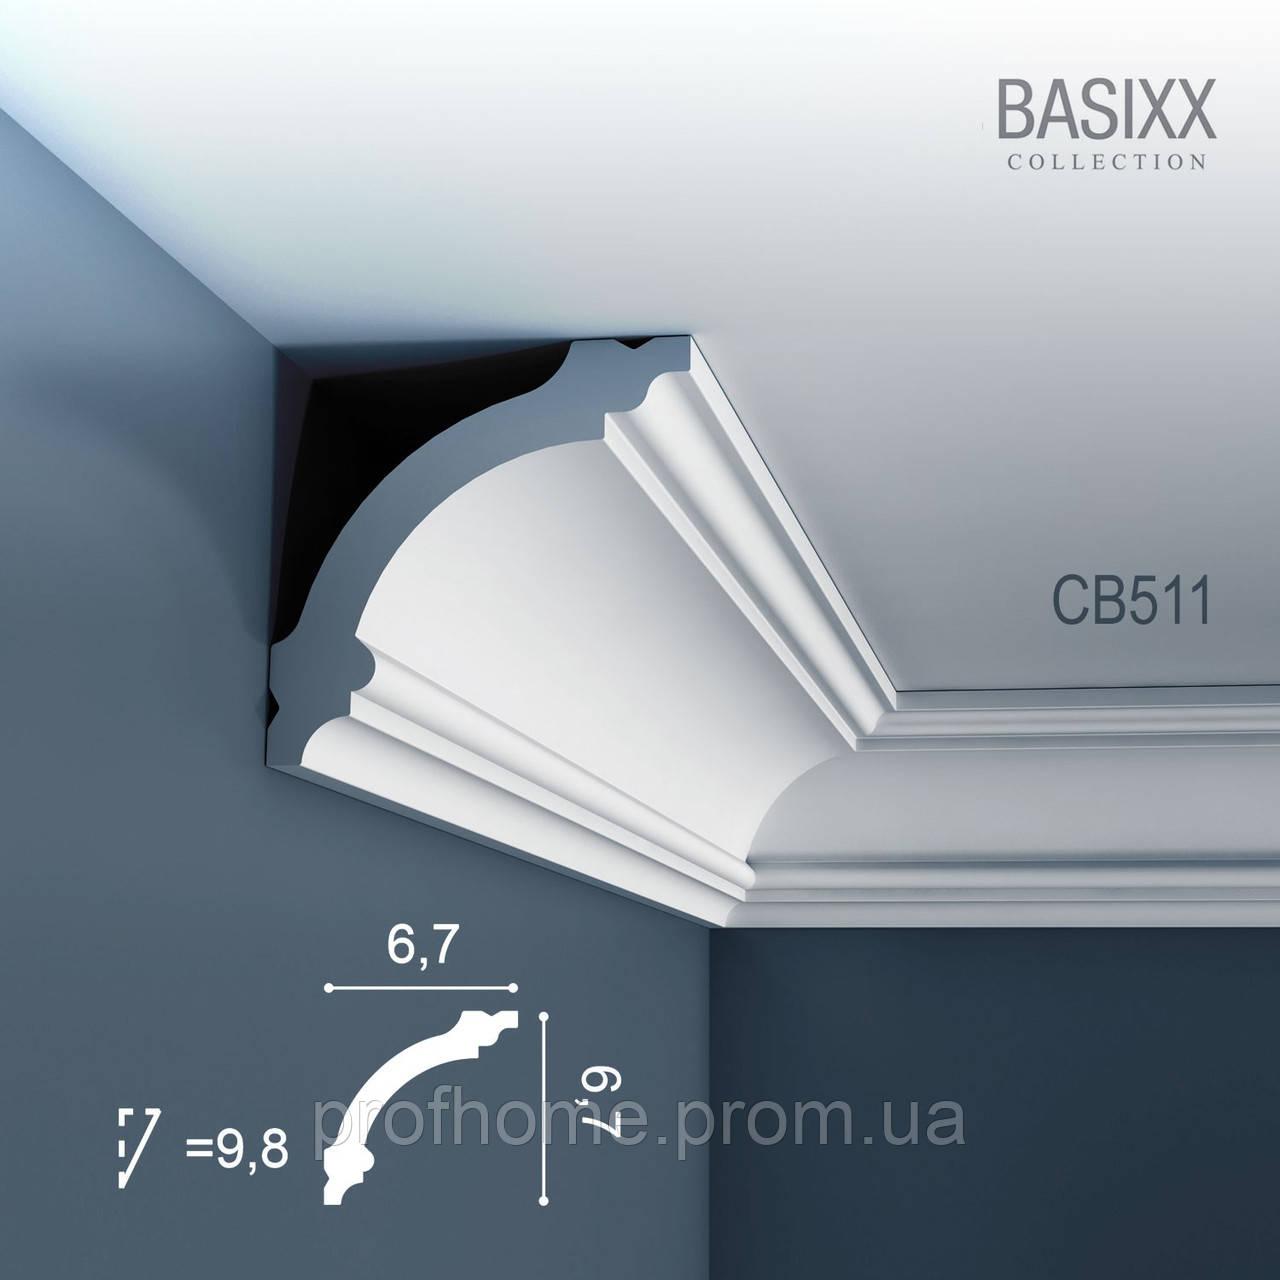 ORAC Decor CB511 BASIXX потолочный багет карниз угловой молдинг лепнина из полистирола 2 м - Товары для косметического ремонта Премиум класса из Германии. в Германии